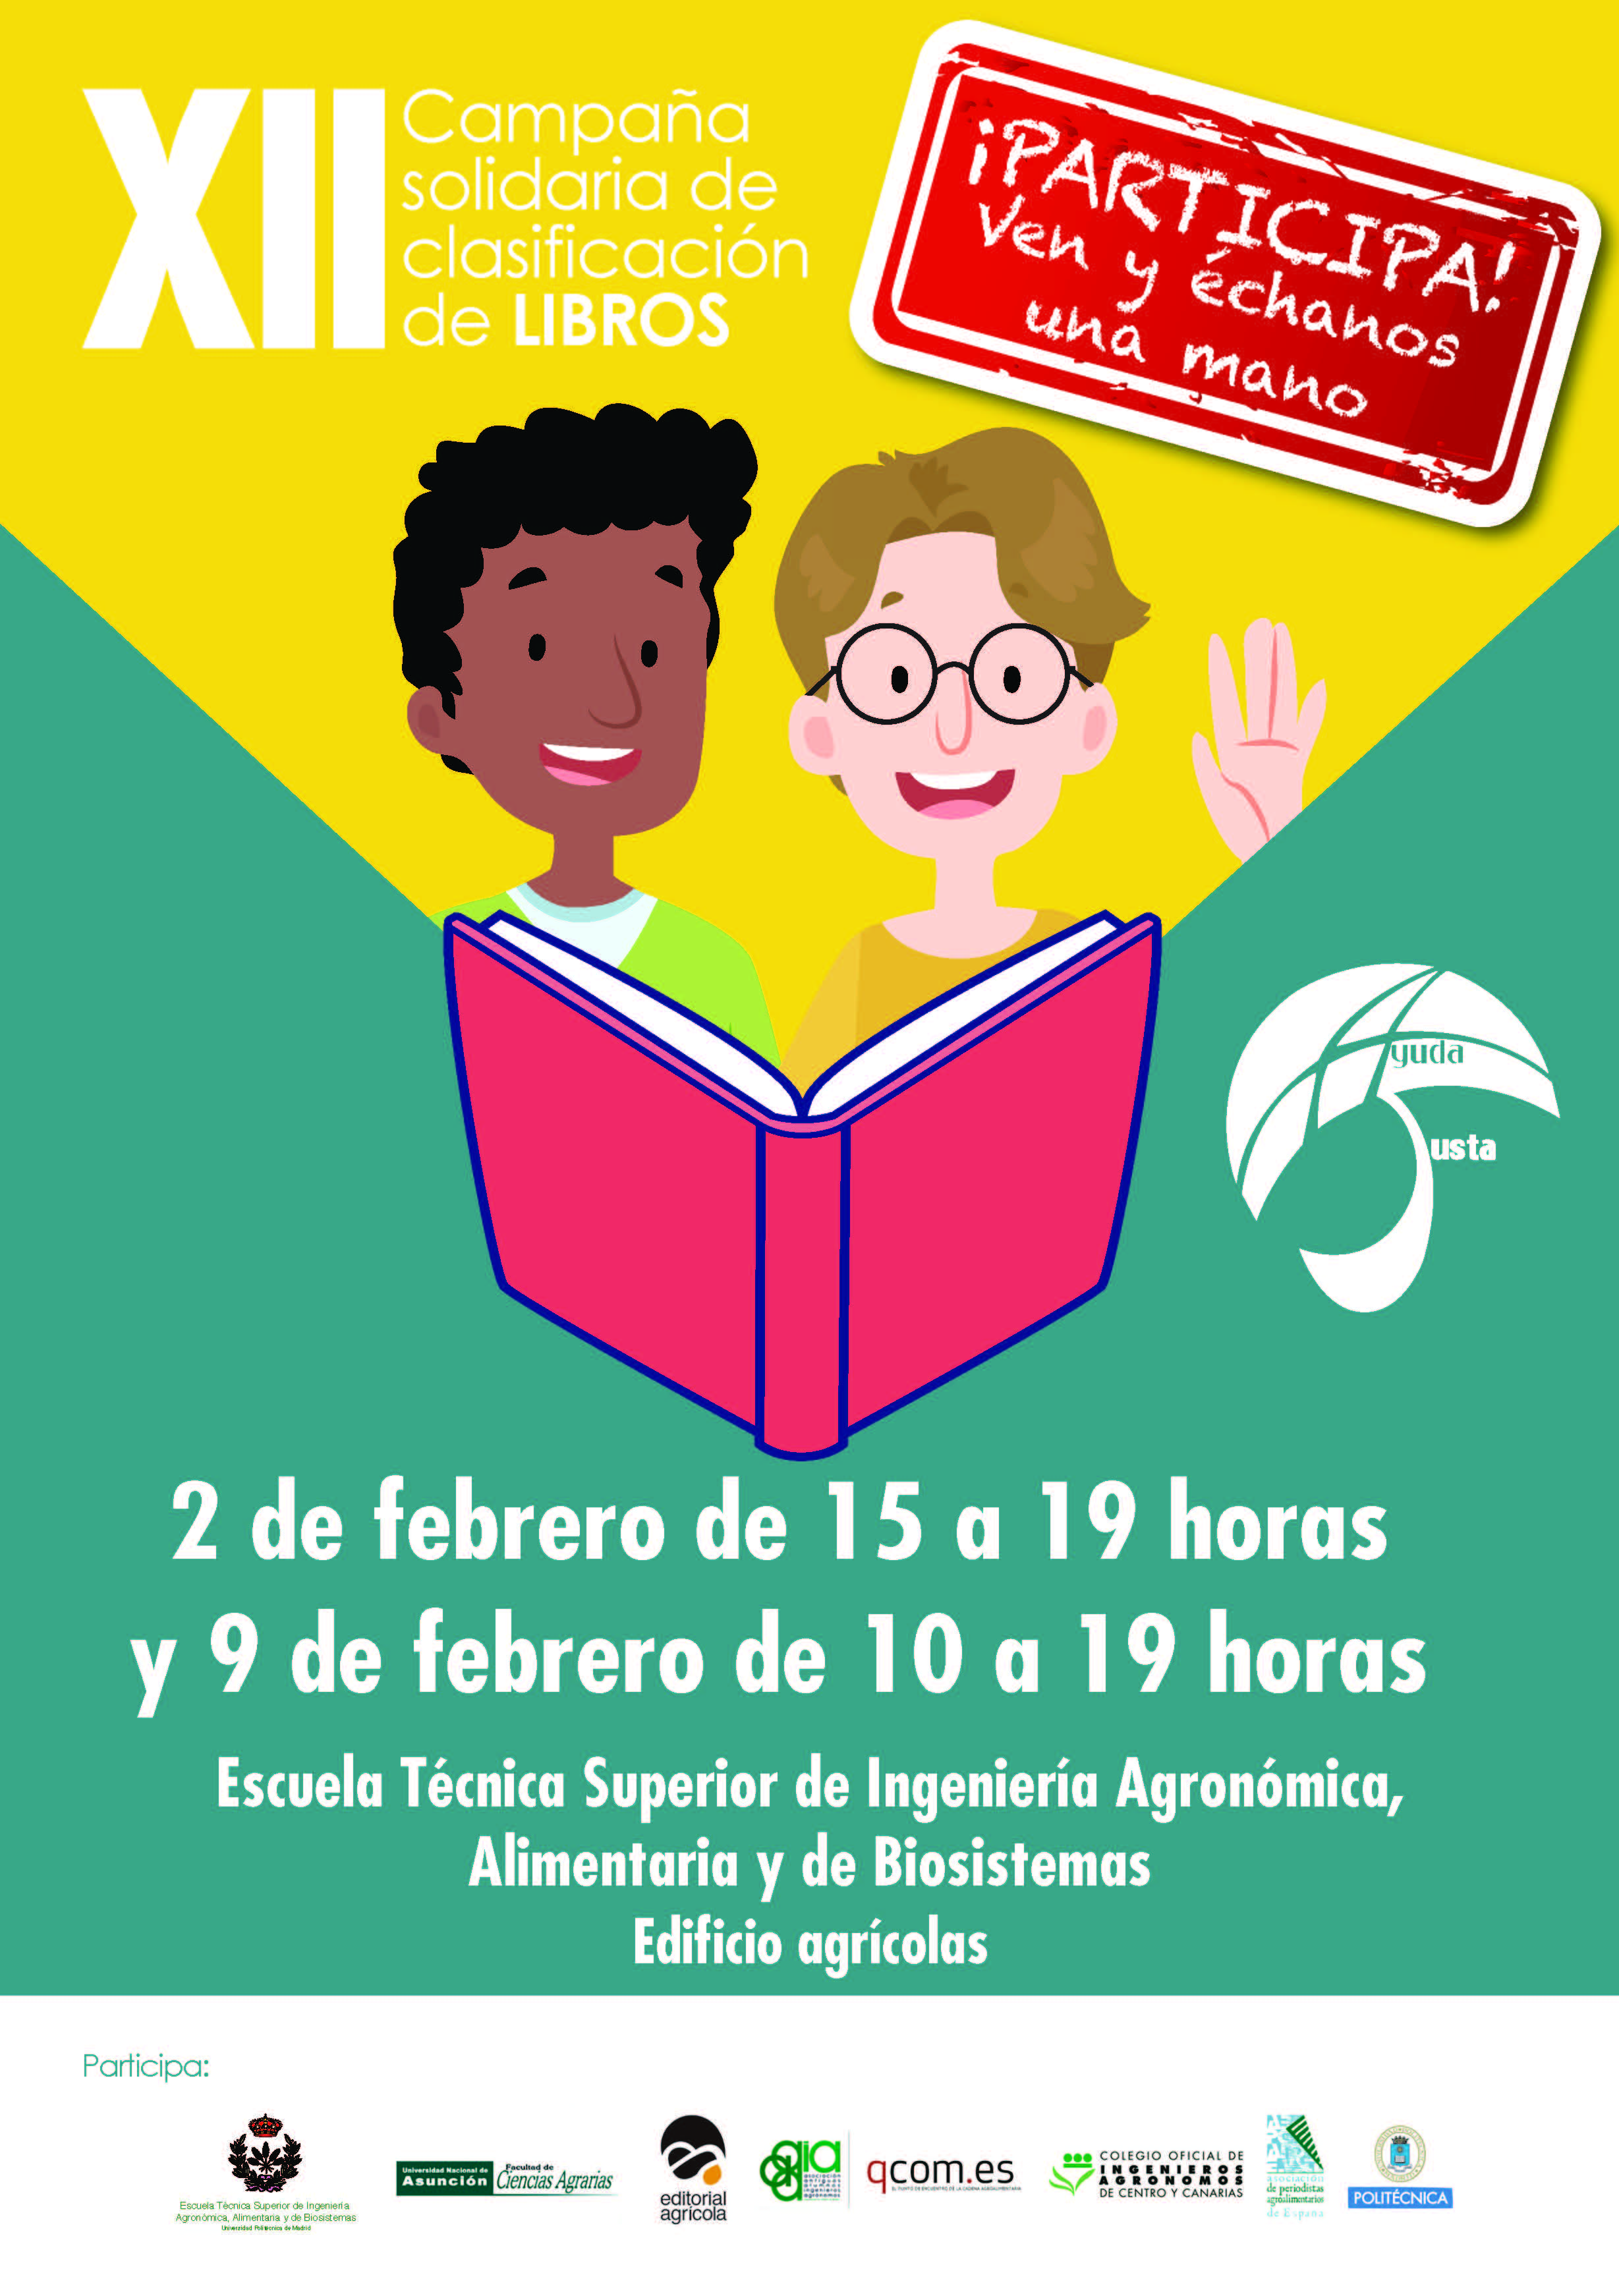 """XII Campaña Solidaria de Clasificación de Libros de """"Ayuda Justa"""""""